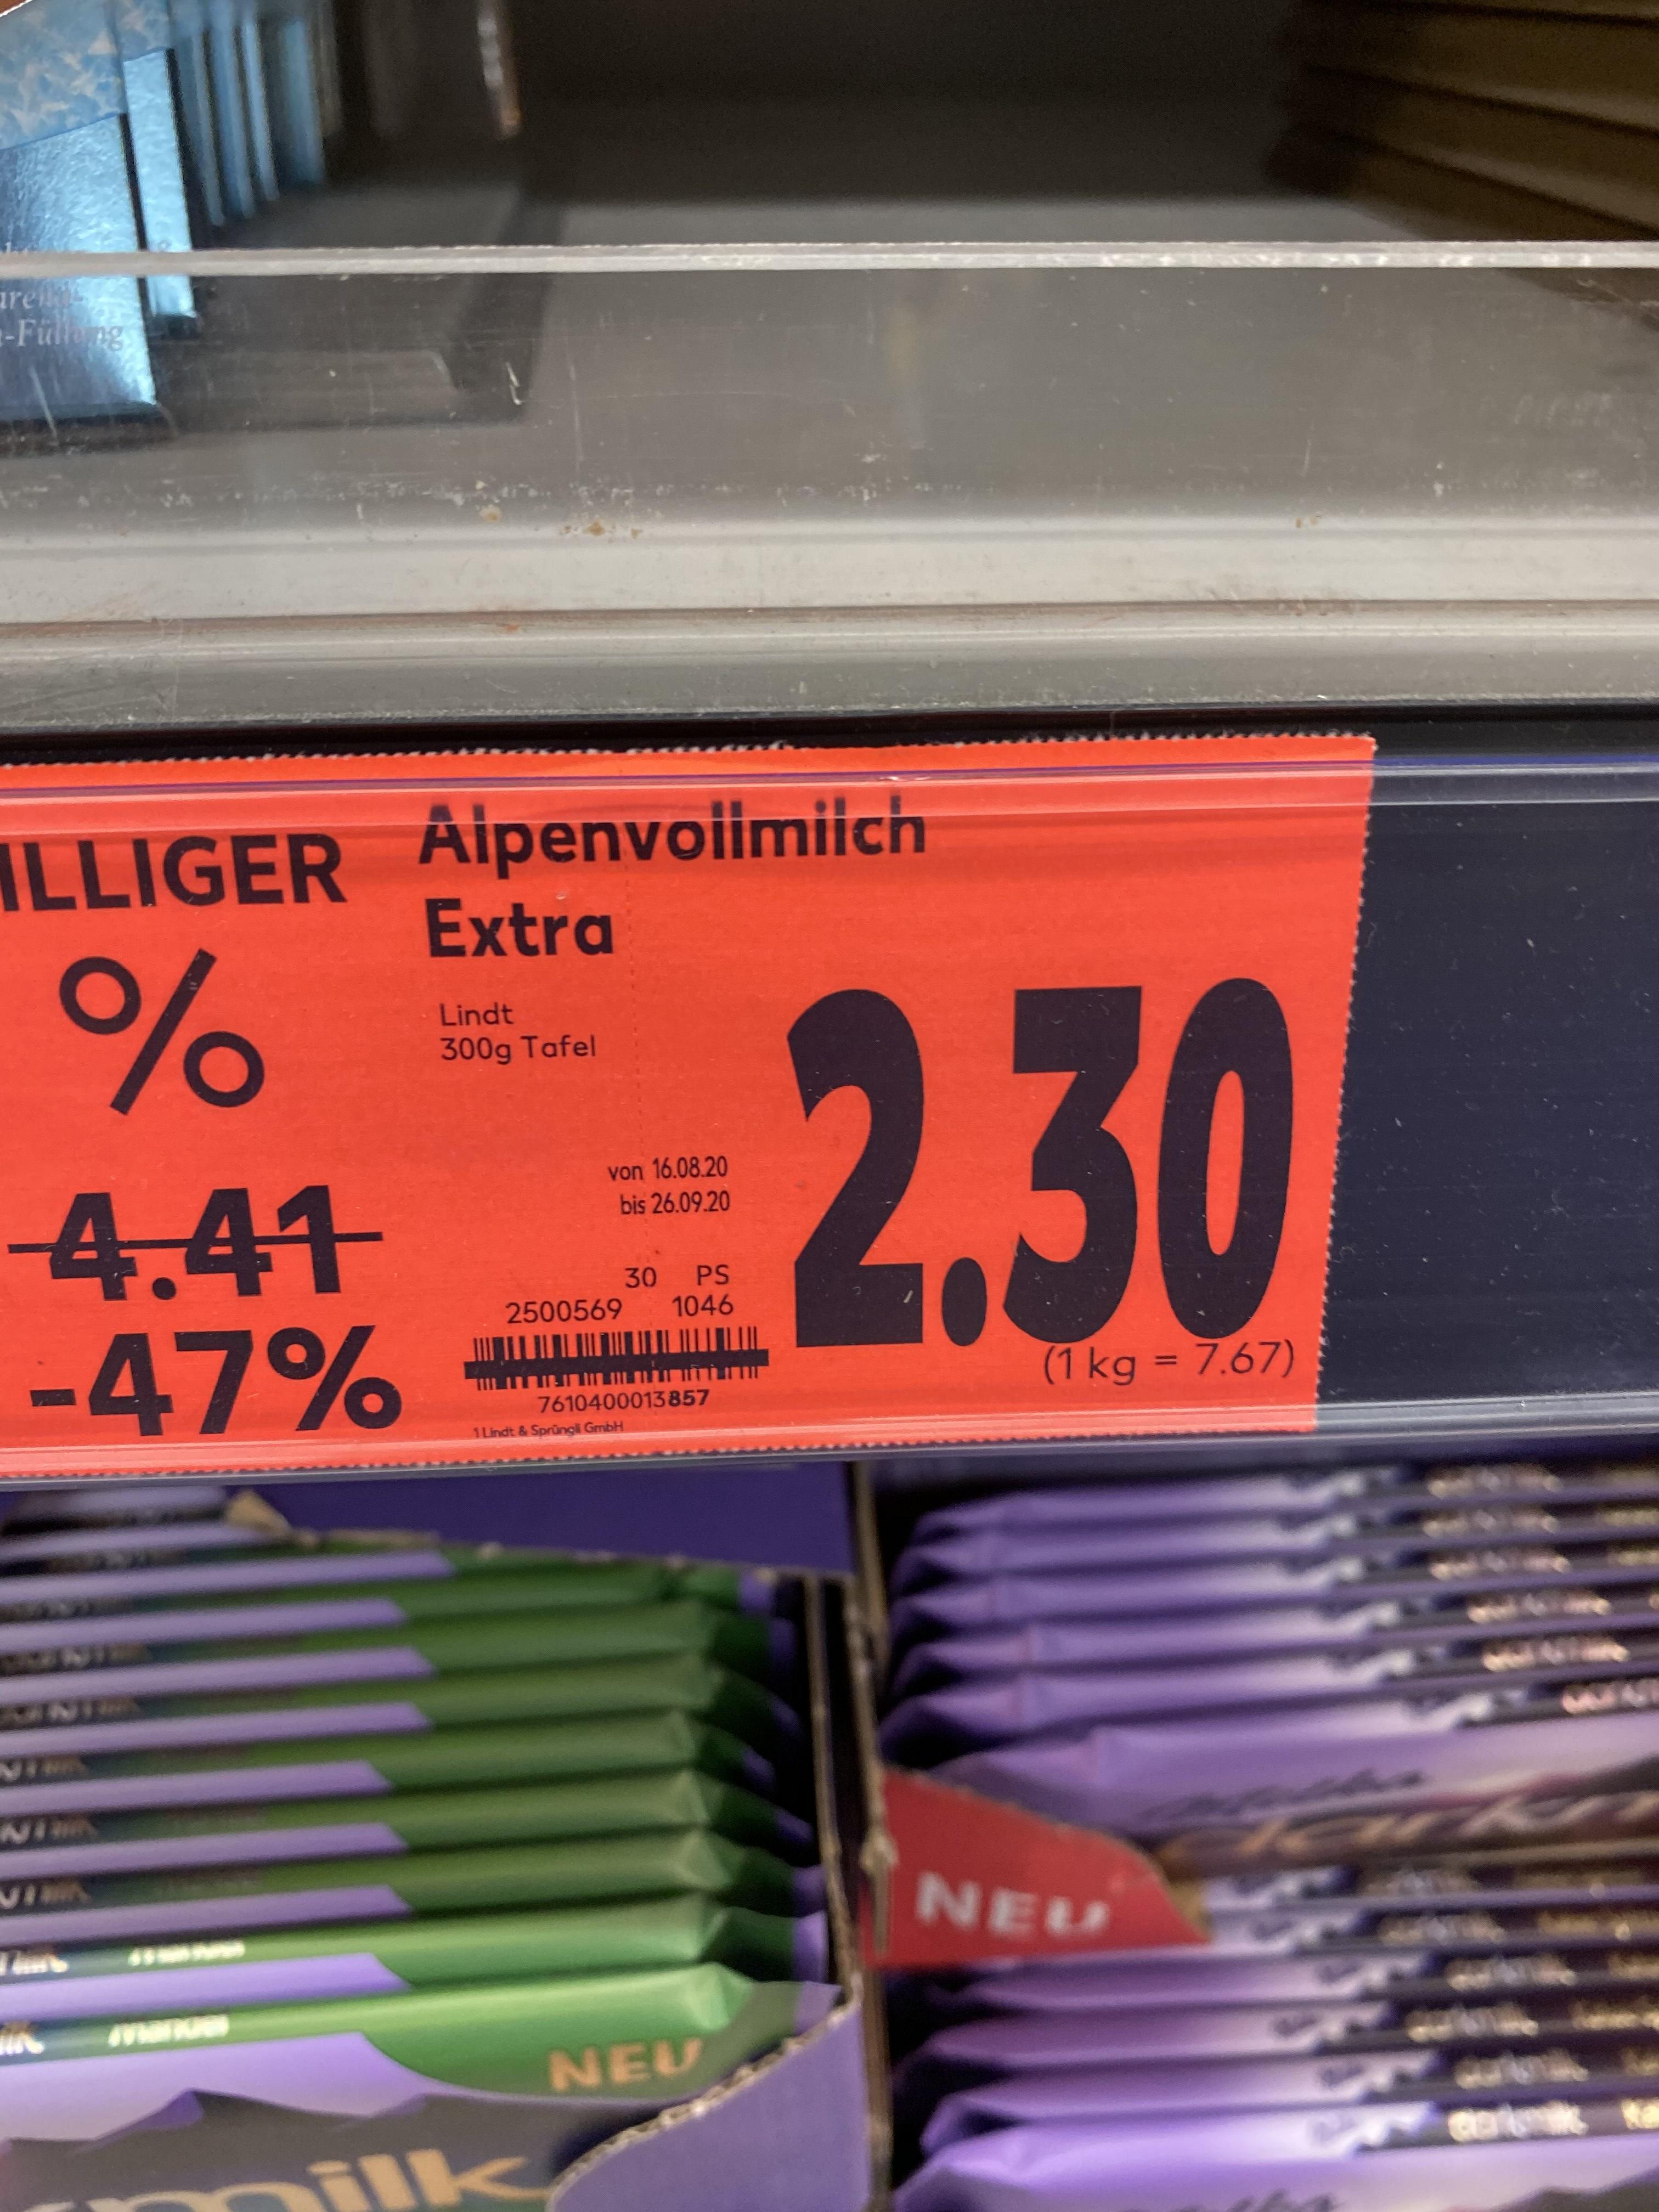 Lindt Alpenvollmich 300g Schokolade Kaufland (evtl. Lokal?)